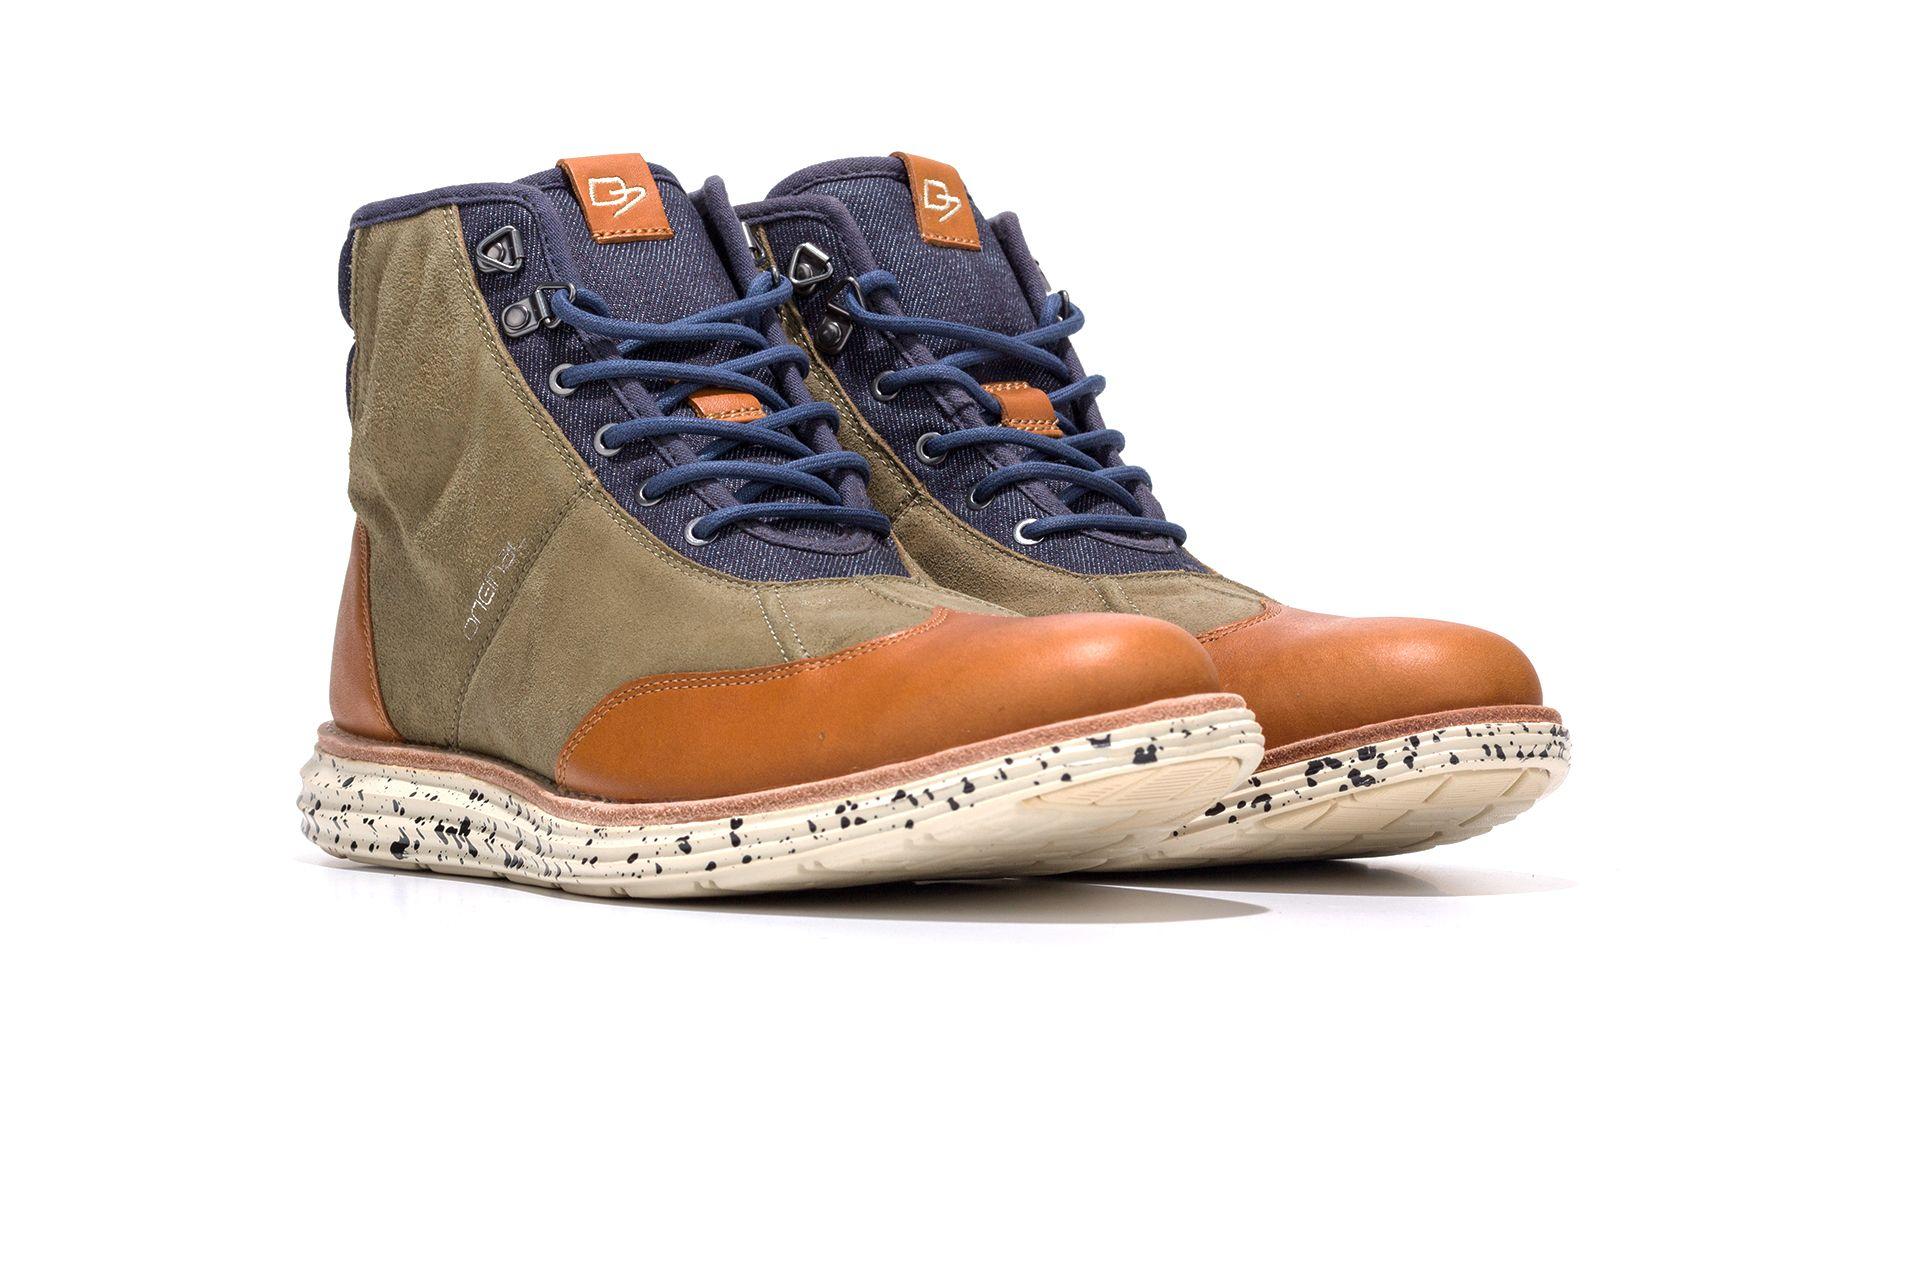 【DAY-SEVEN】Marksman 輕量獵人短靴x草綠(女)-8004 - D7 Shoes